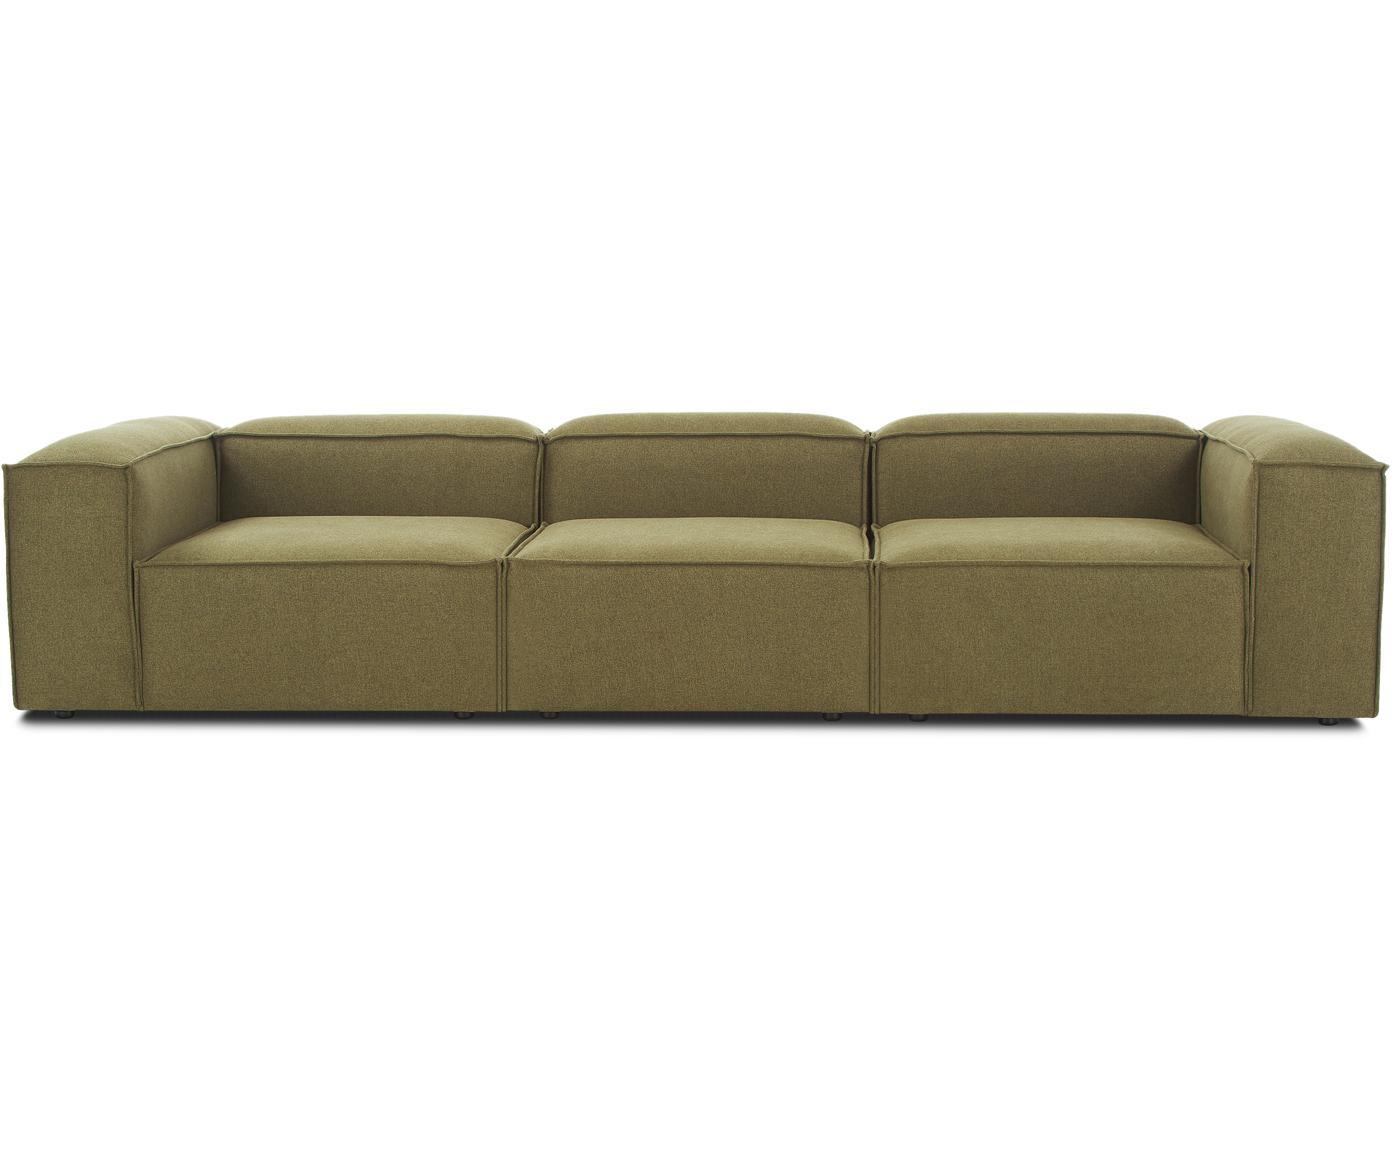 Sofá modular Lennon (4plazas), Tapizado: 100%poliéster 35.000cic, Estructura: madera de pino maciza, ma, Patas: plástico, Tejido verde, An 326 x F 119 cm